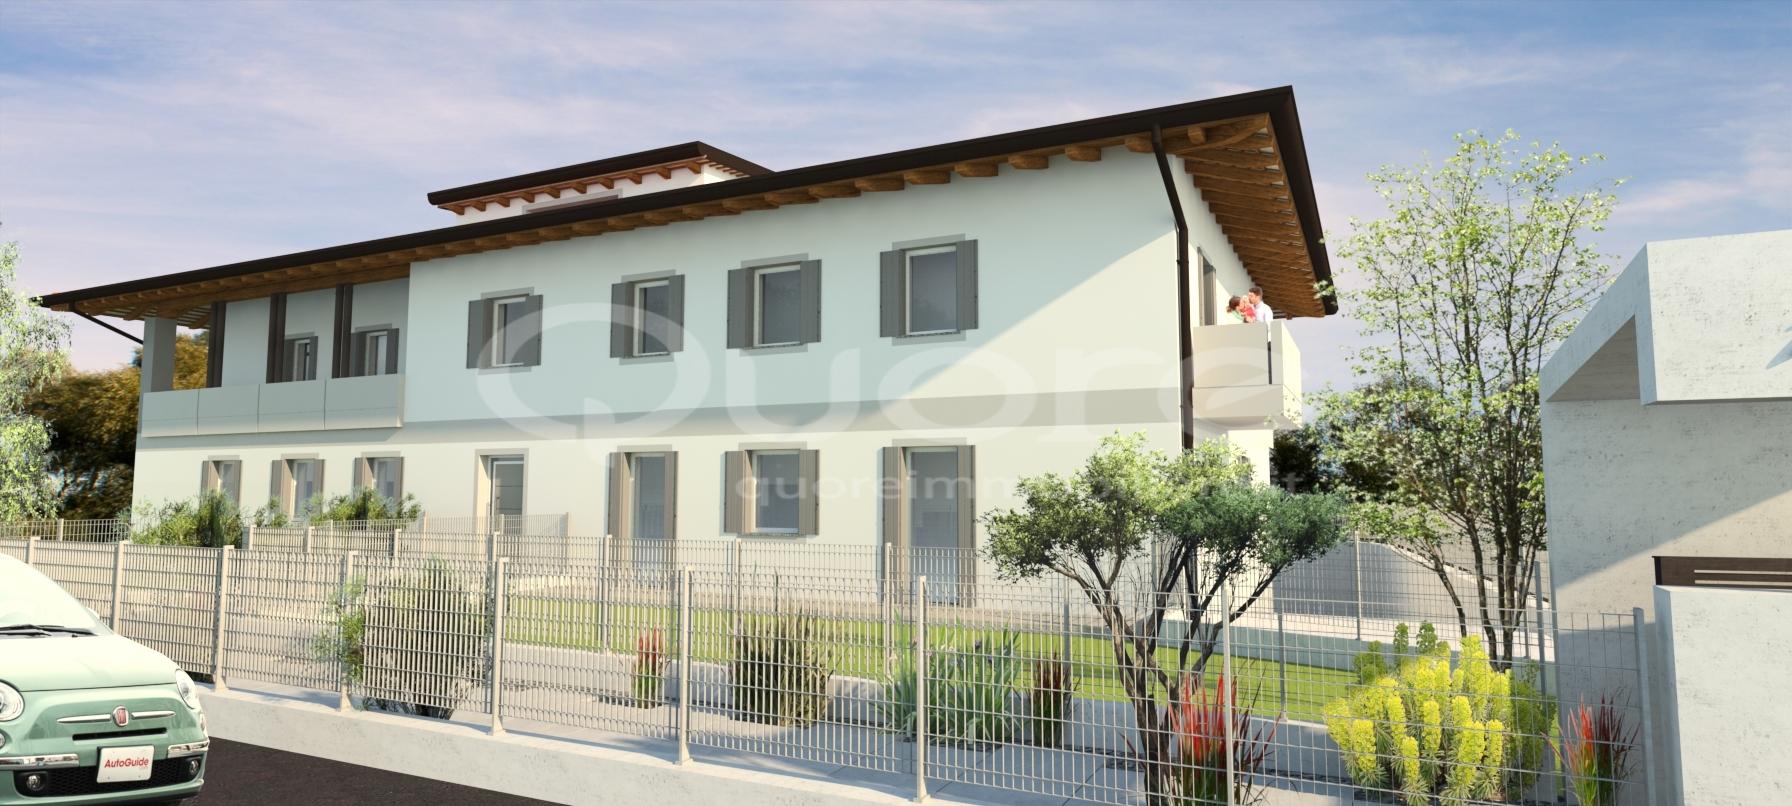 Appartamento in vendita a San Vito di Fagagna, 2 locali, prezzo € 144.000 | CambioCasa.it